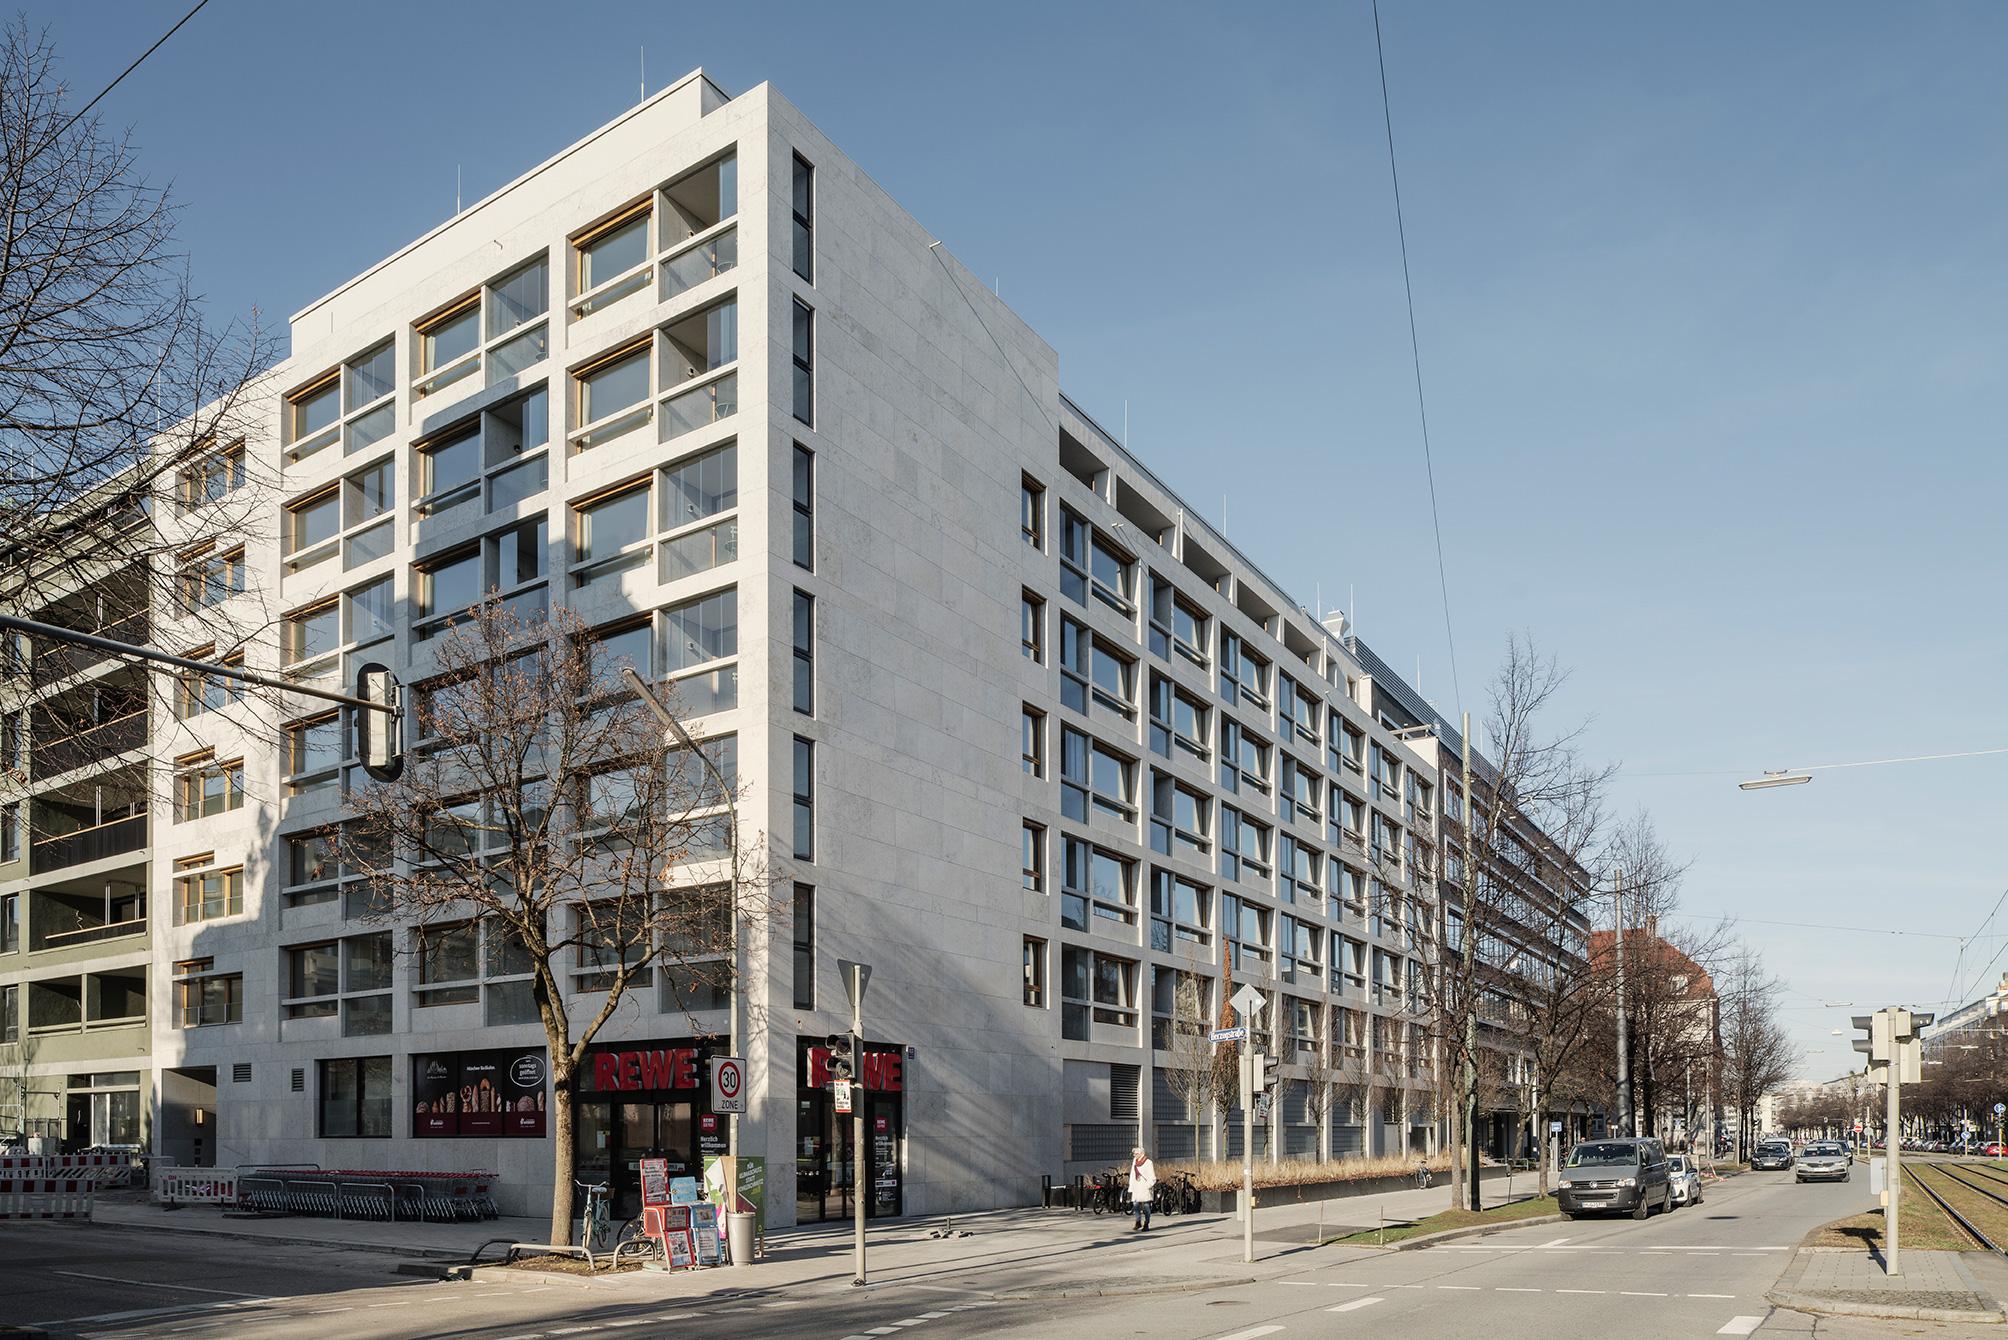 Schwabinger Carre dreisterneplus Architektur München